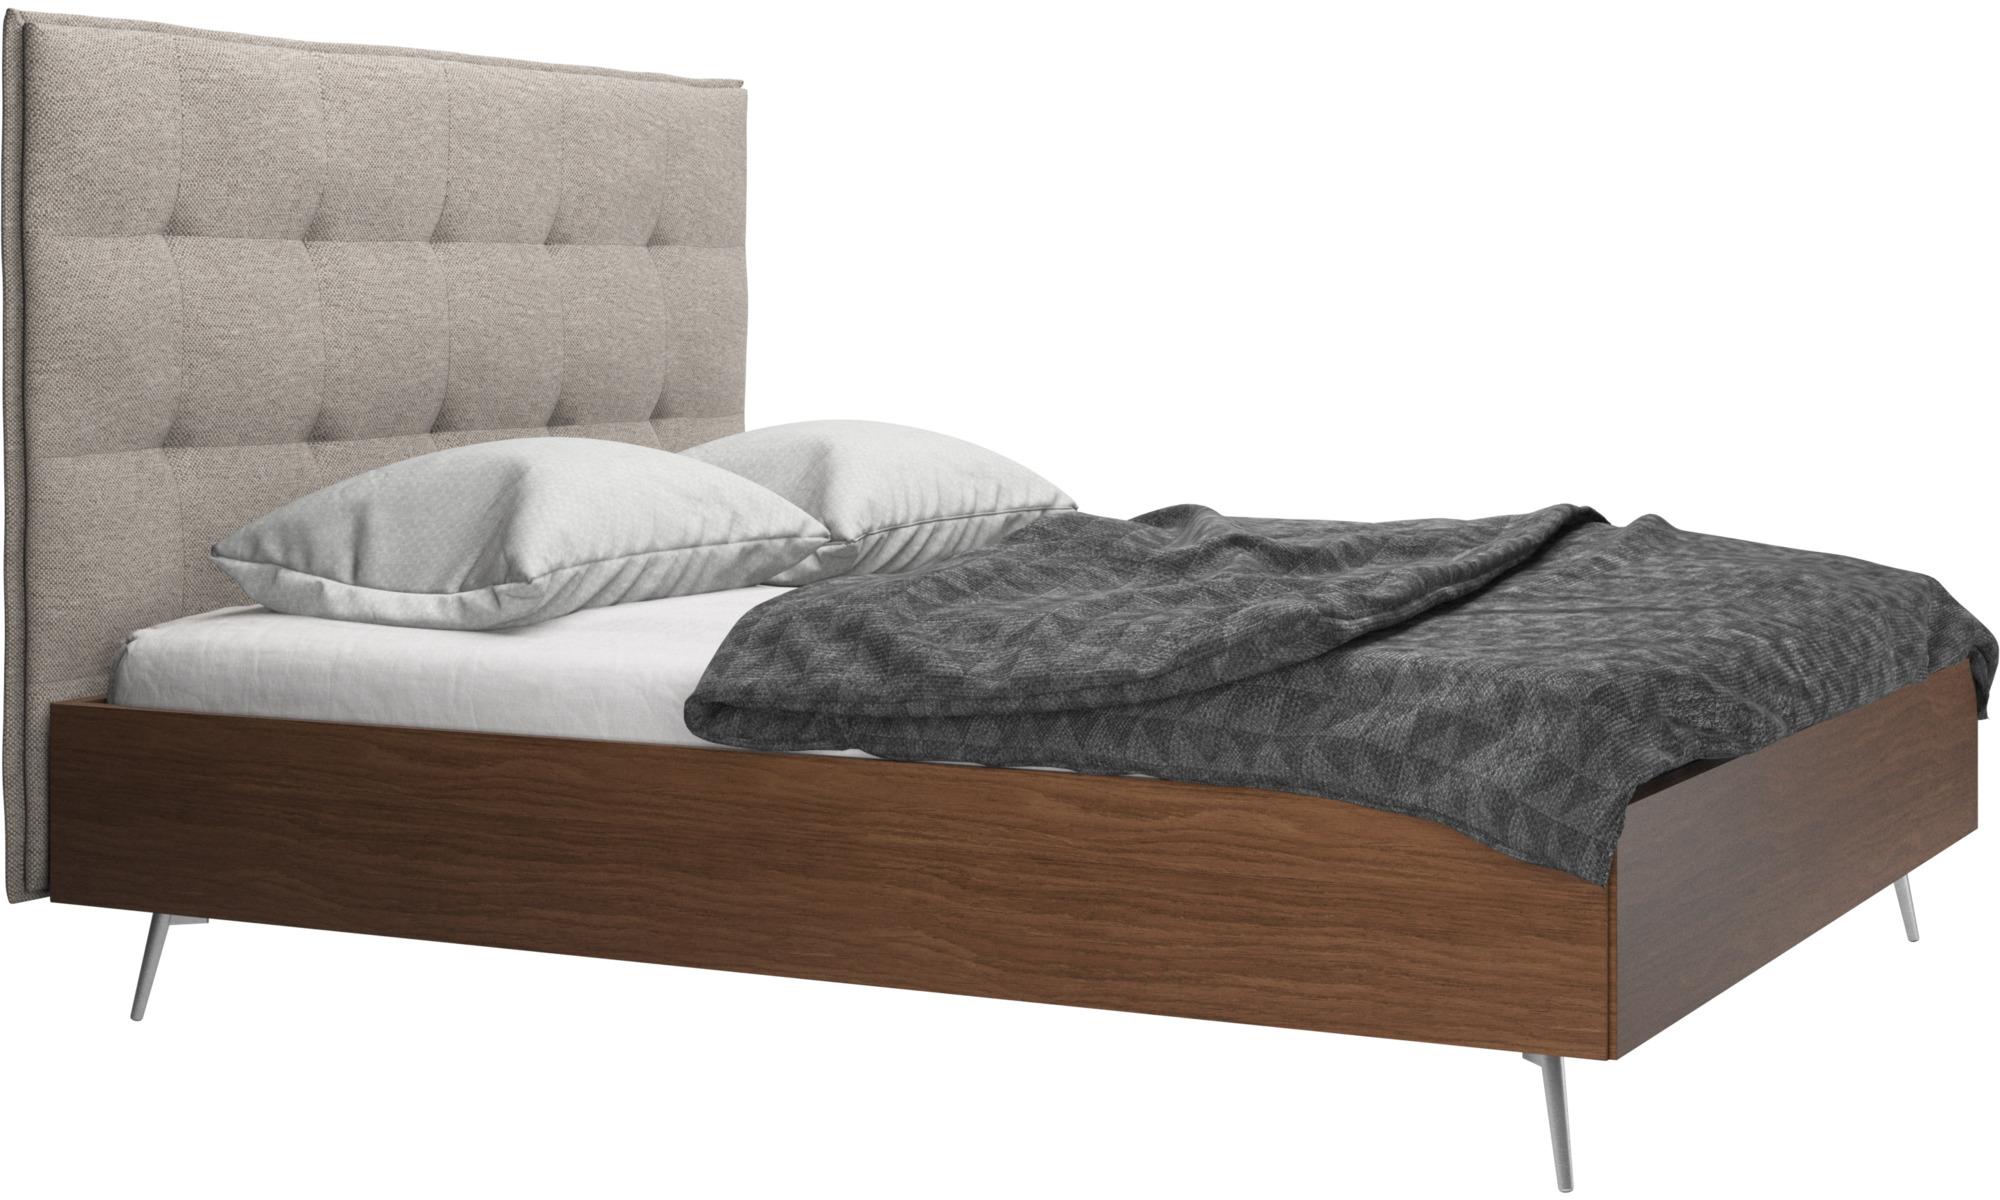 Betten - Lugano Bett, Lattenrost und Matratze gegen Aufpreis - Beige - Stoff